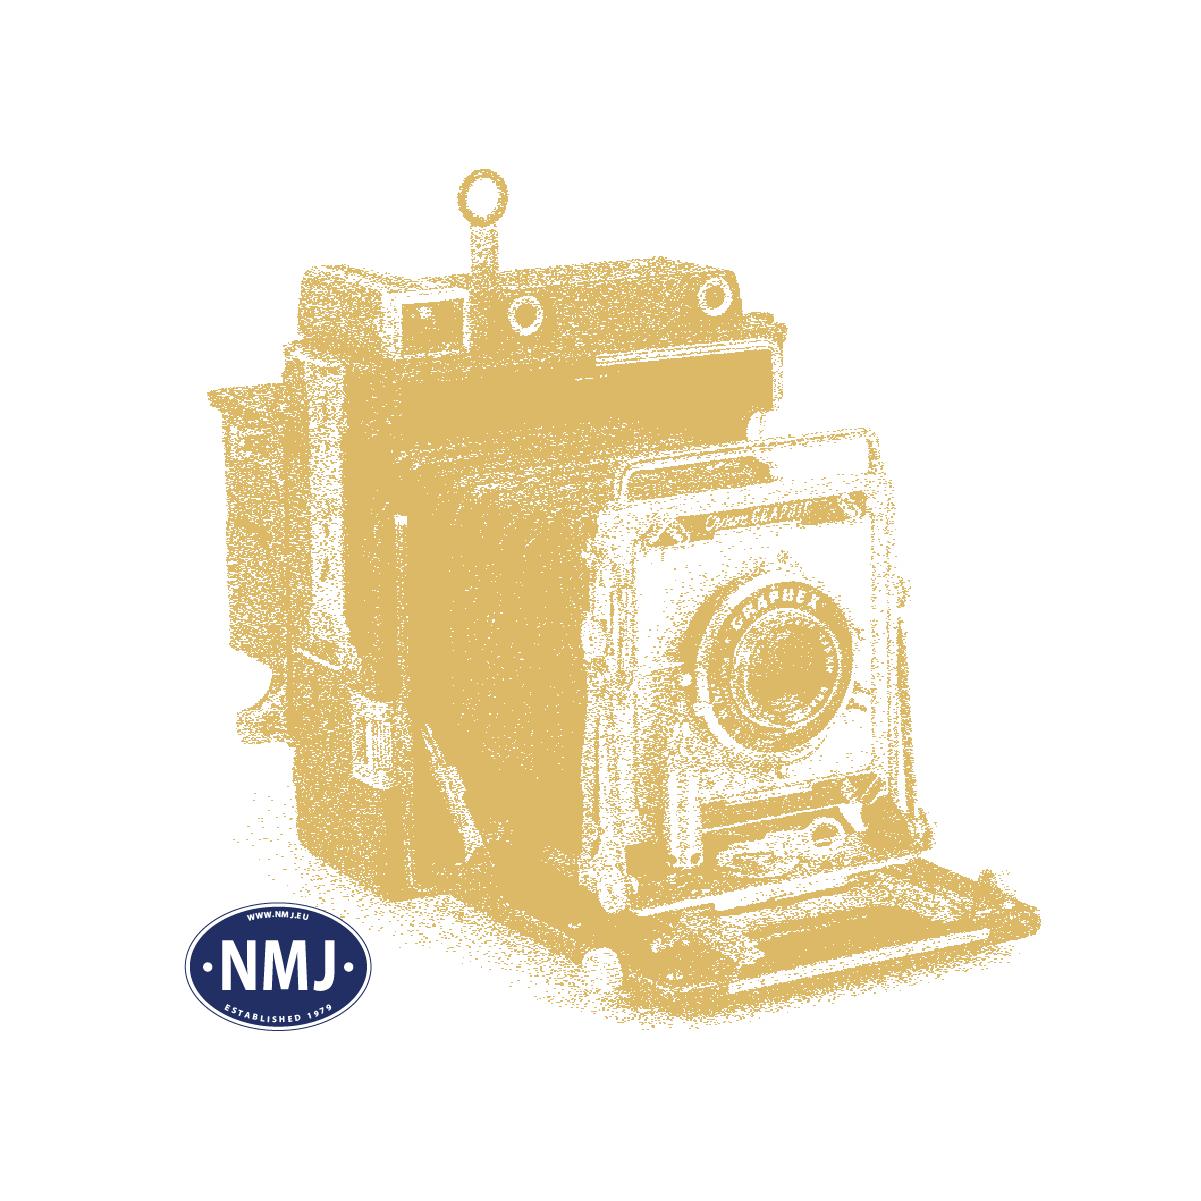 MIN735-22S - Jordområdet m/ Gresstuster, Sommer, 31,5 x 25 cm